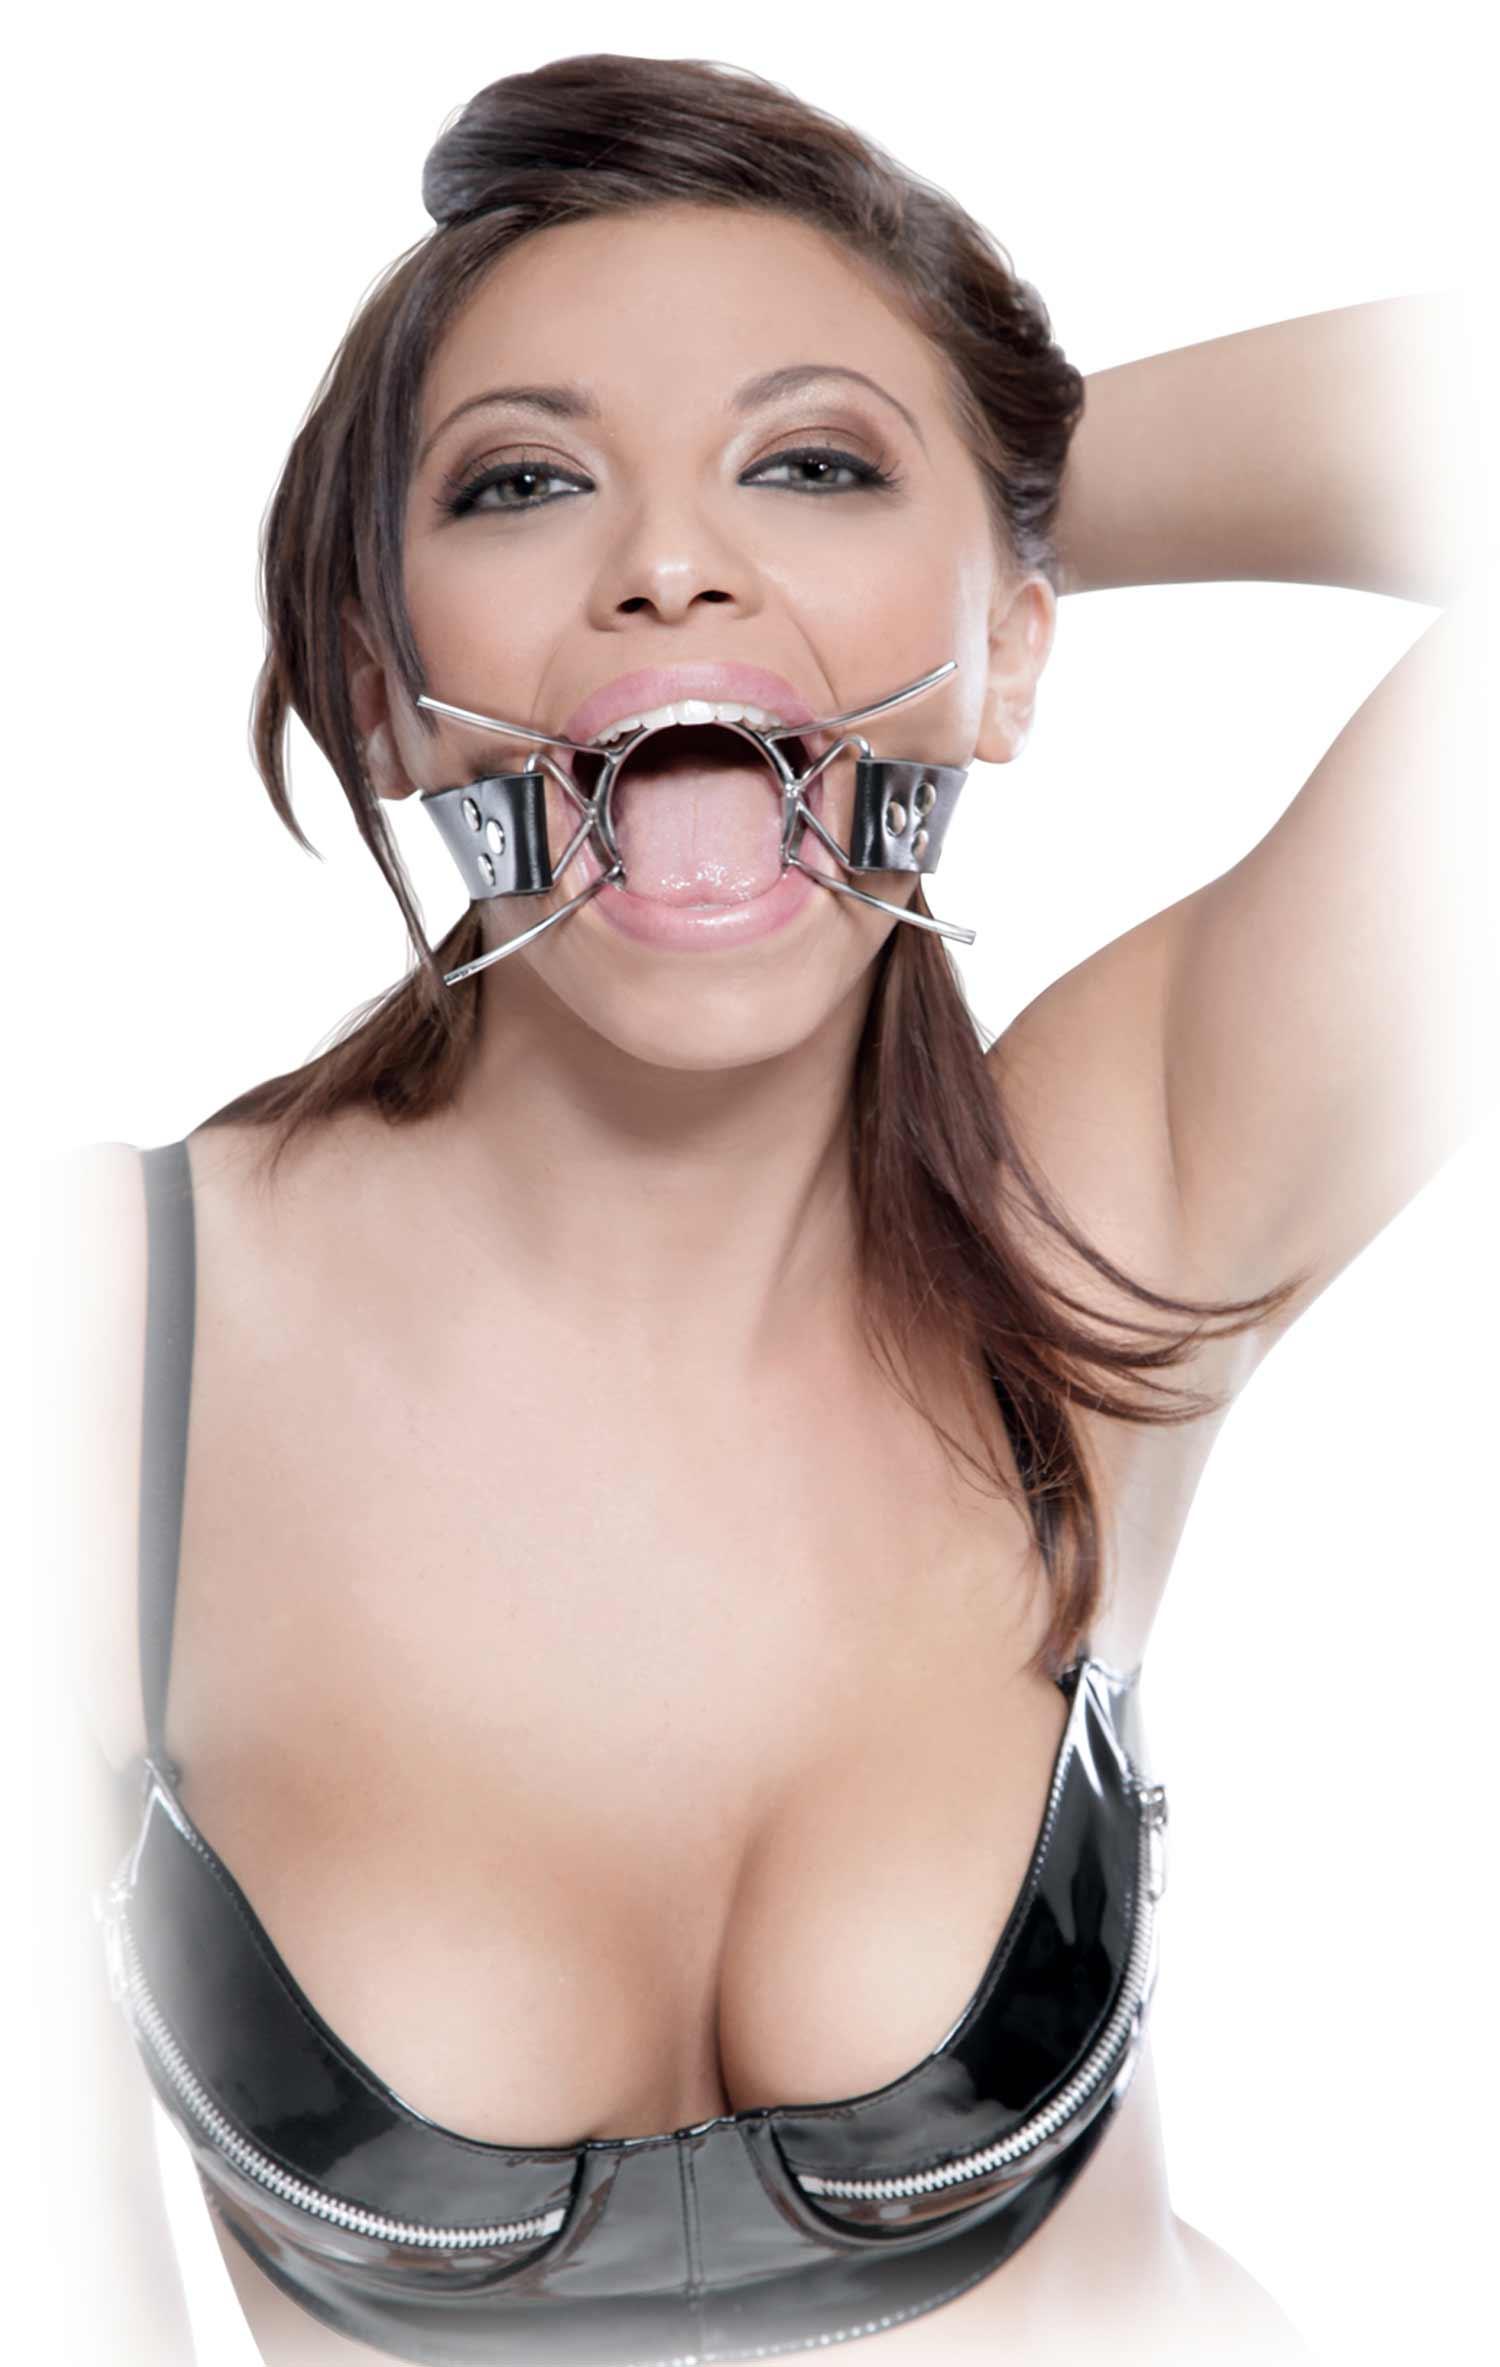 Распорка в рот чтобы не закрывался 3 фотография